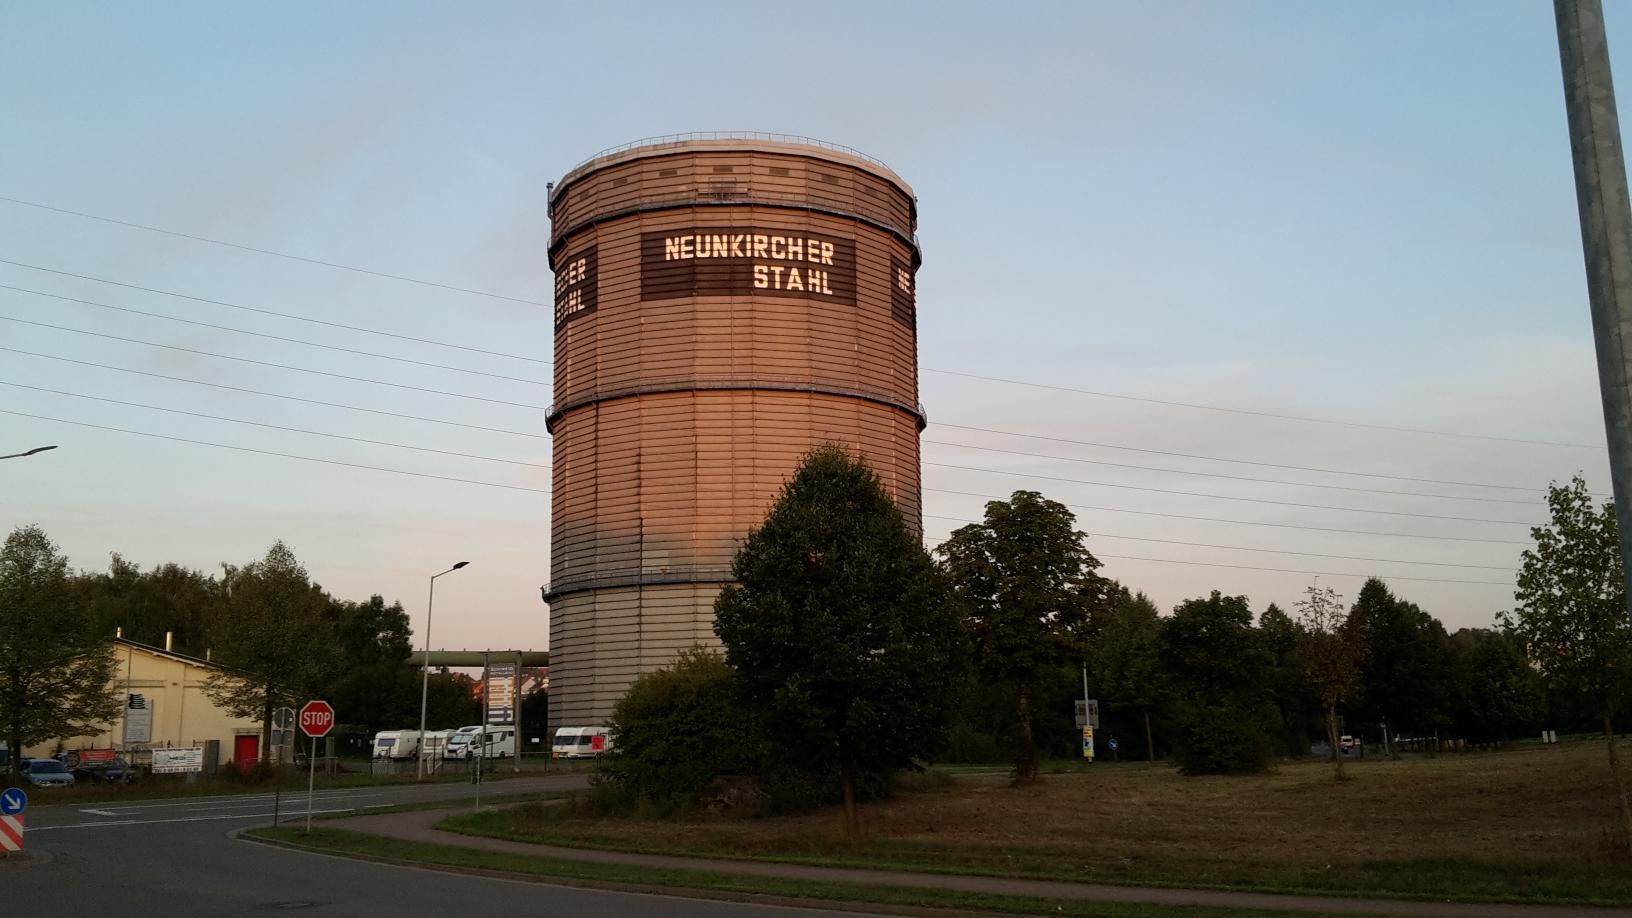 2019-08-22-neunkircher-stahl.png